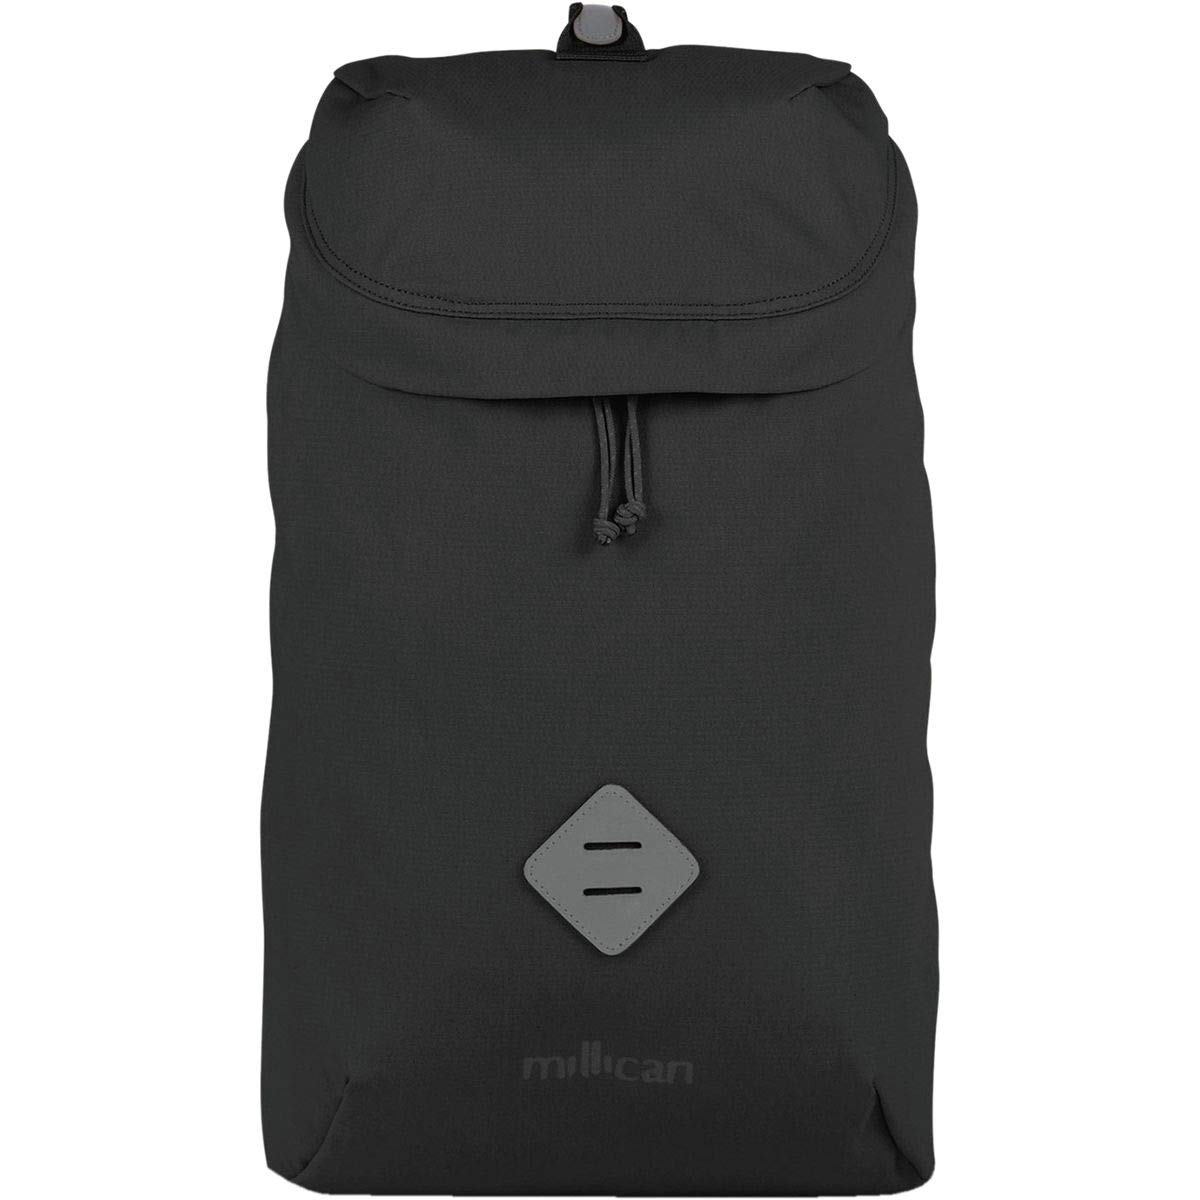 [ミリカン] メンズ バックパックリュックサック Oli The Zip Pack 15L [並行輸入品] B07SM6J13T  No-Size